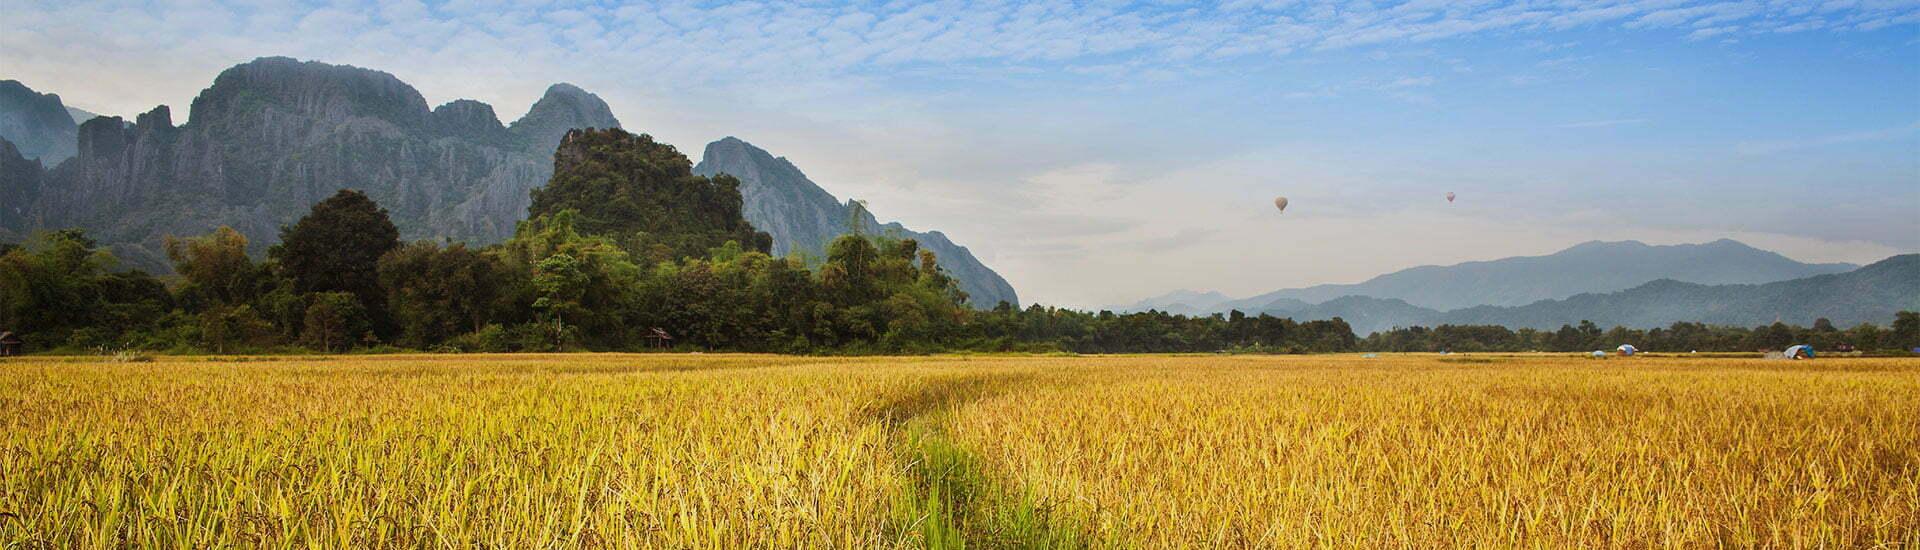 Circuit Vietnam Laos   Hanoi Voyages   Agence Locale